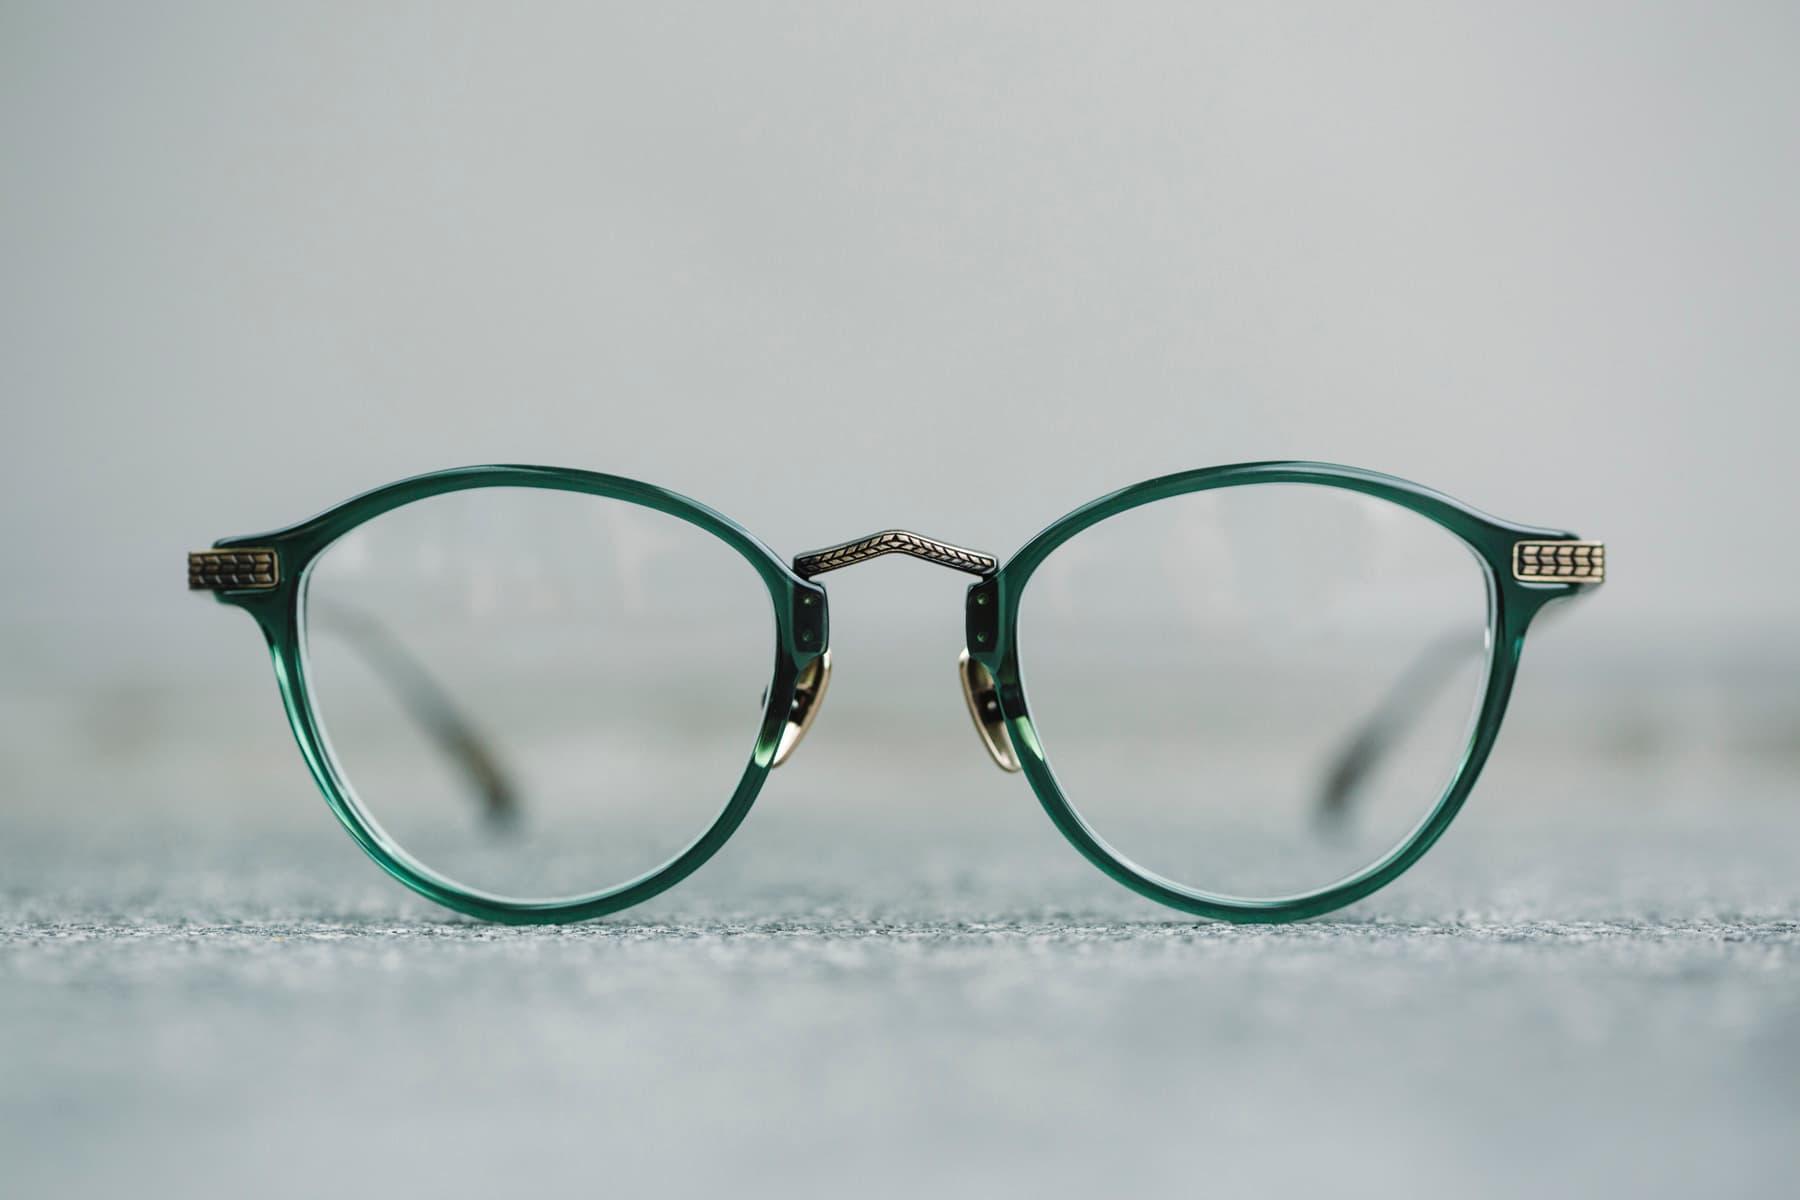 新世代眼鏡品牌 OWDEN Eyewear